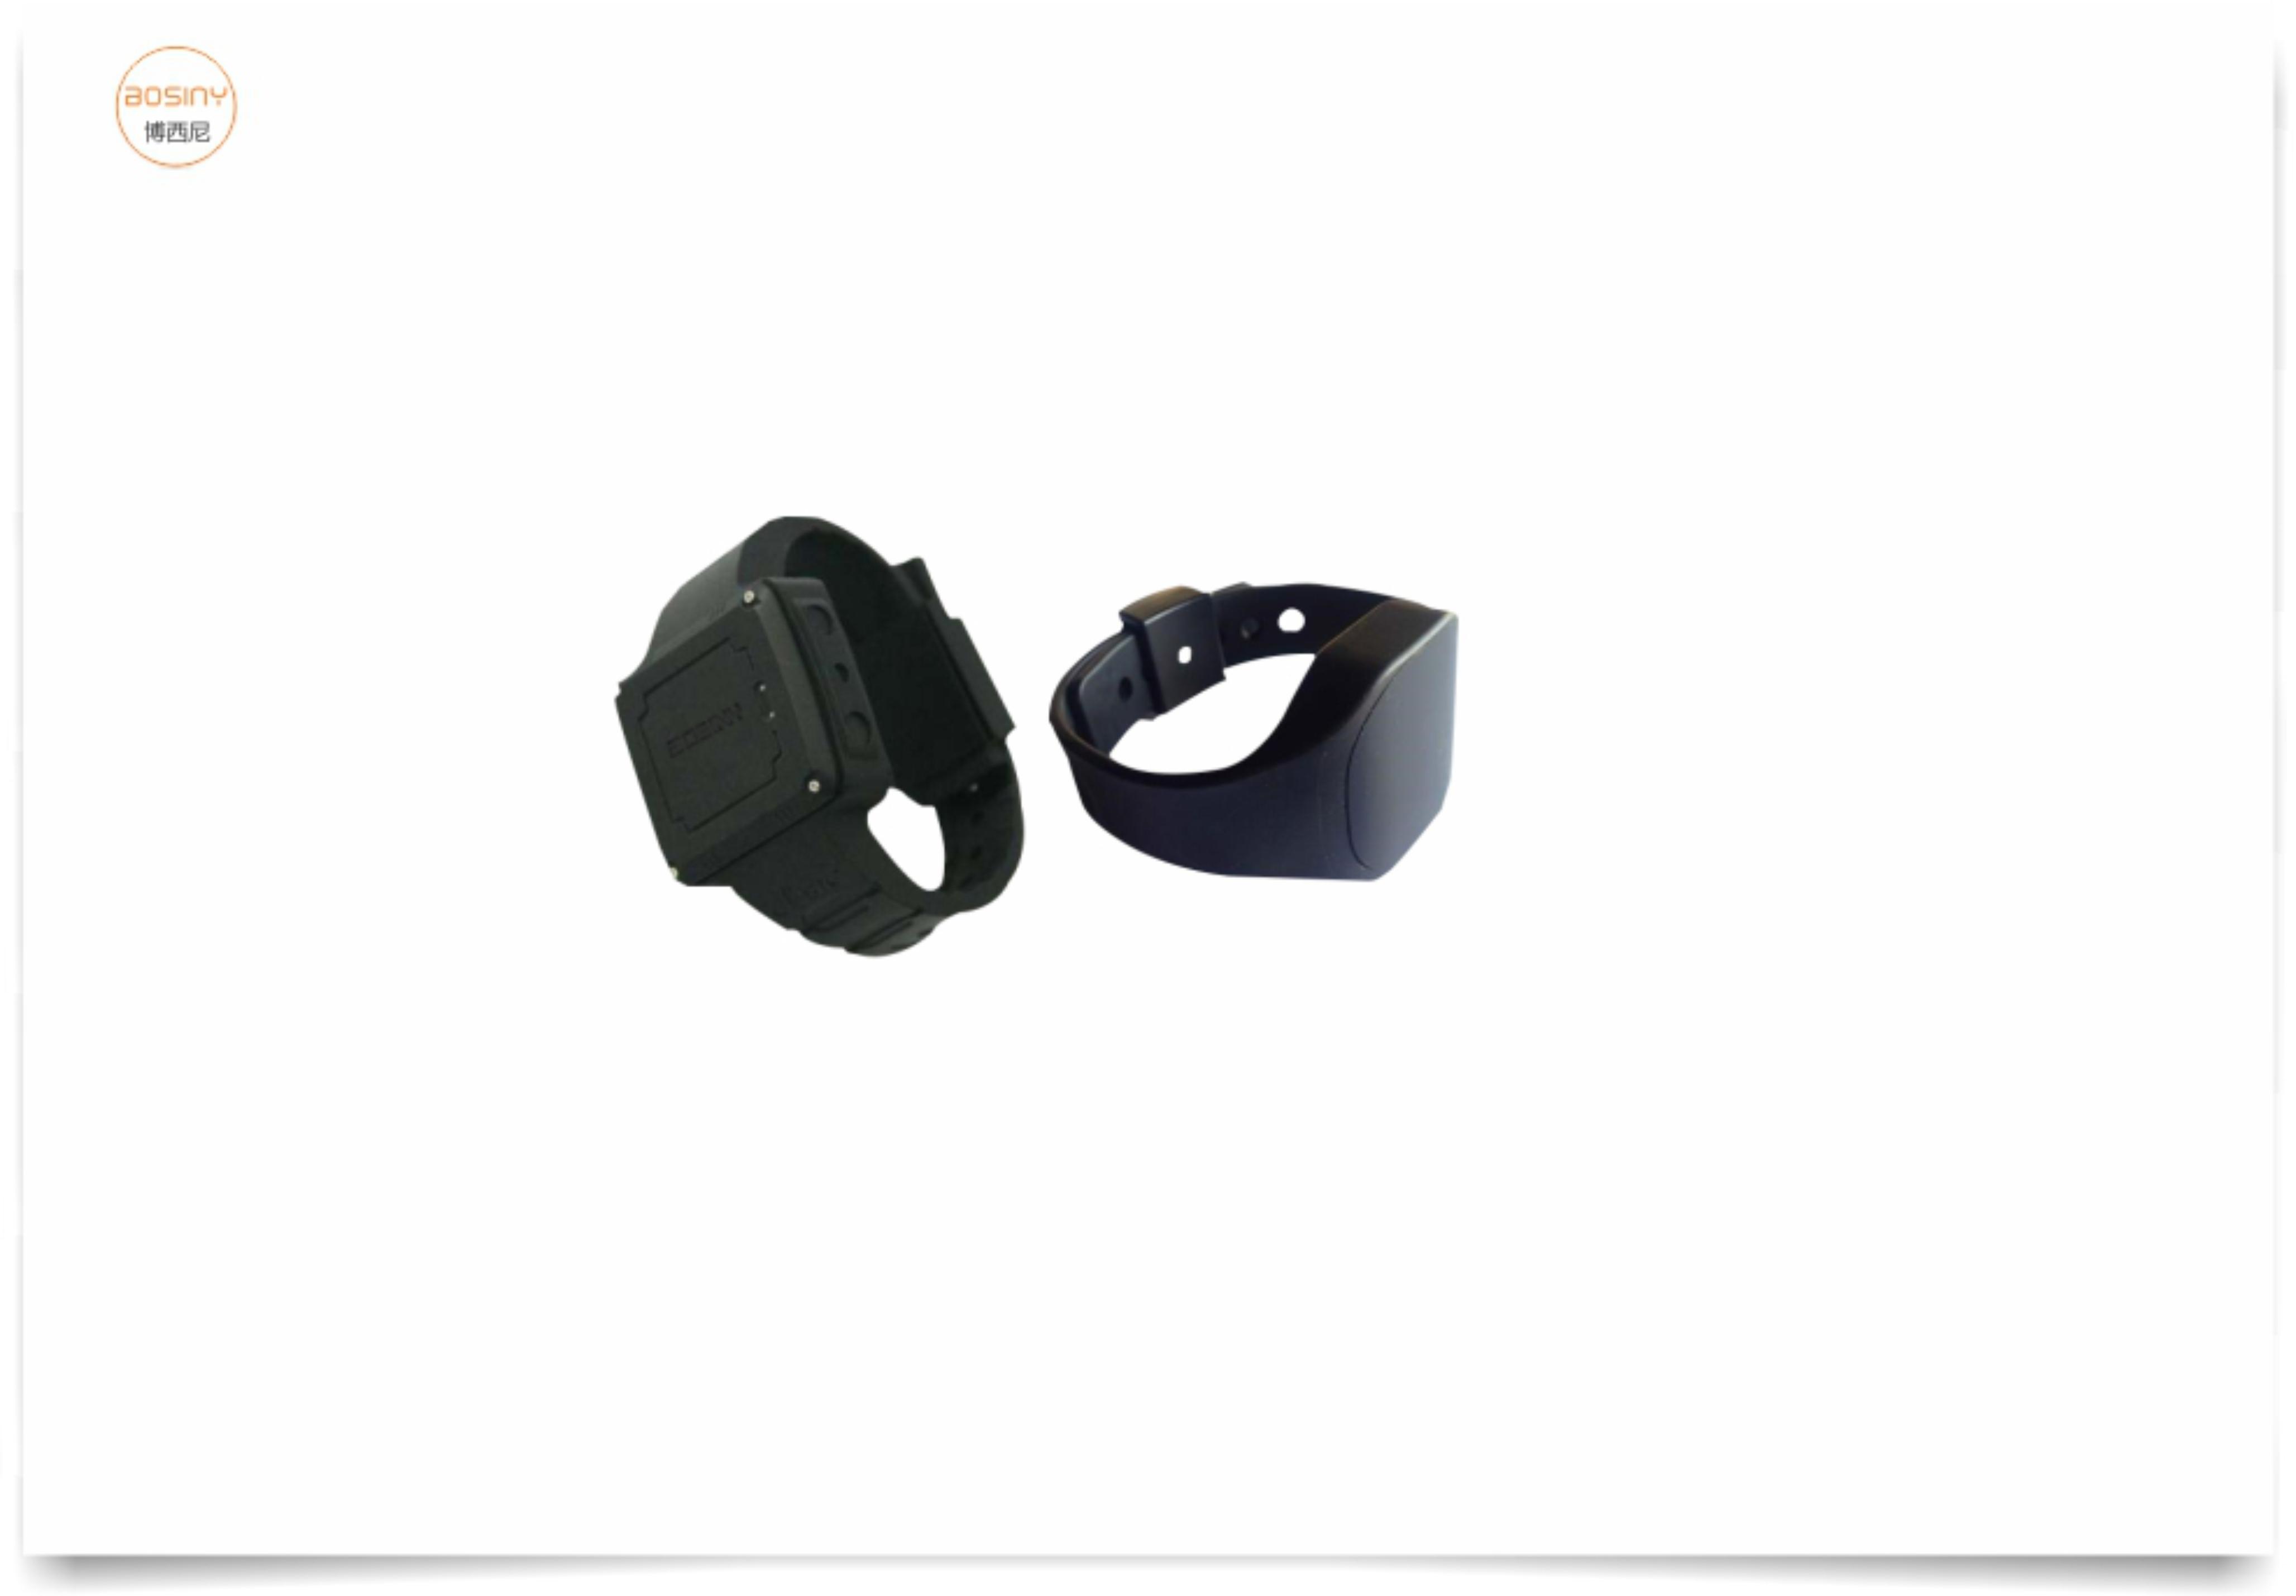 定位标签-腕带型